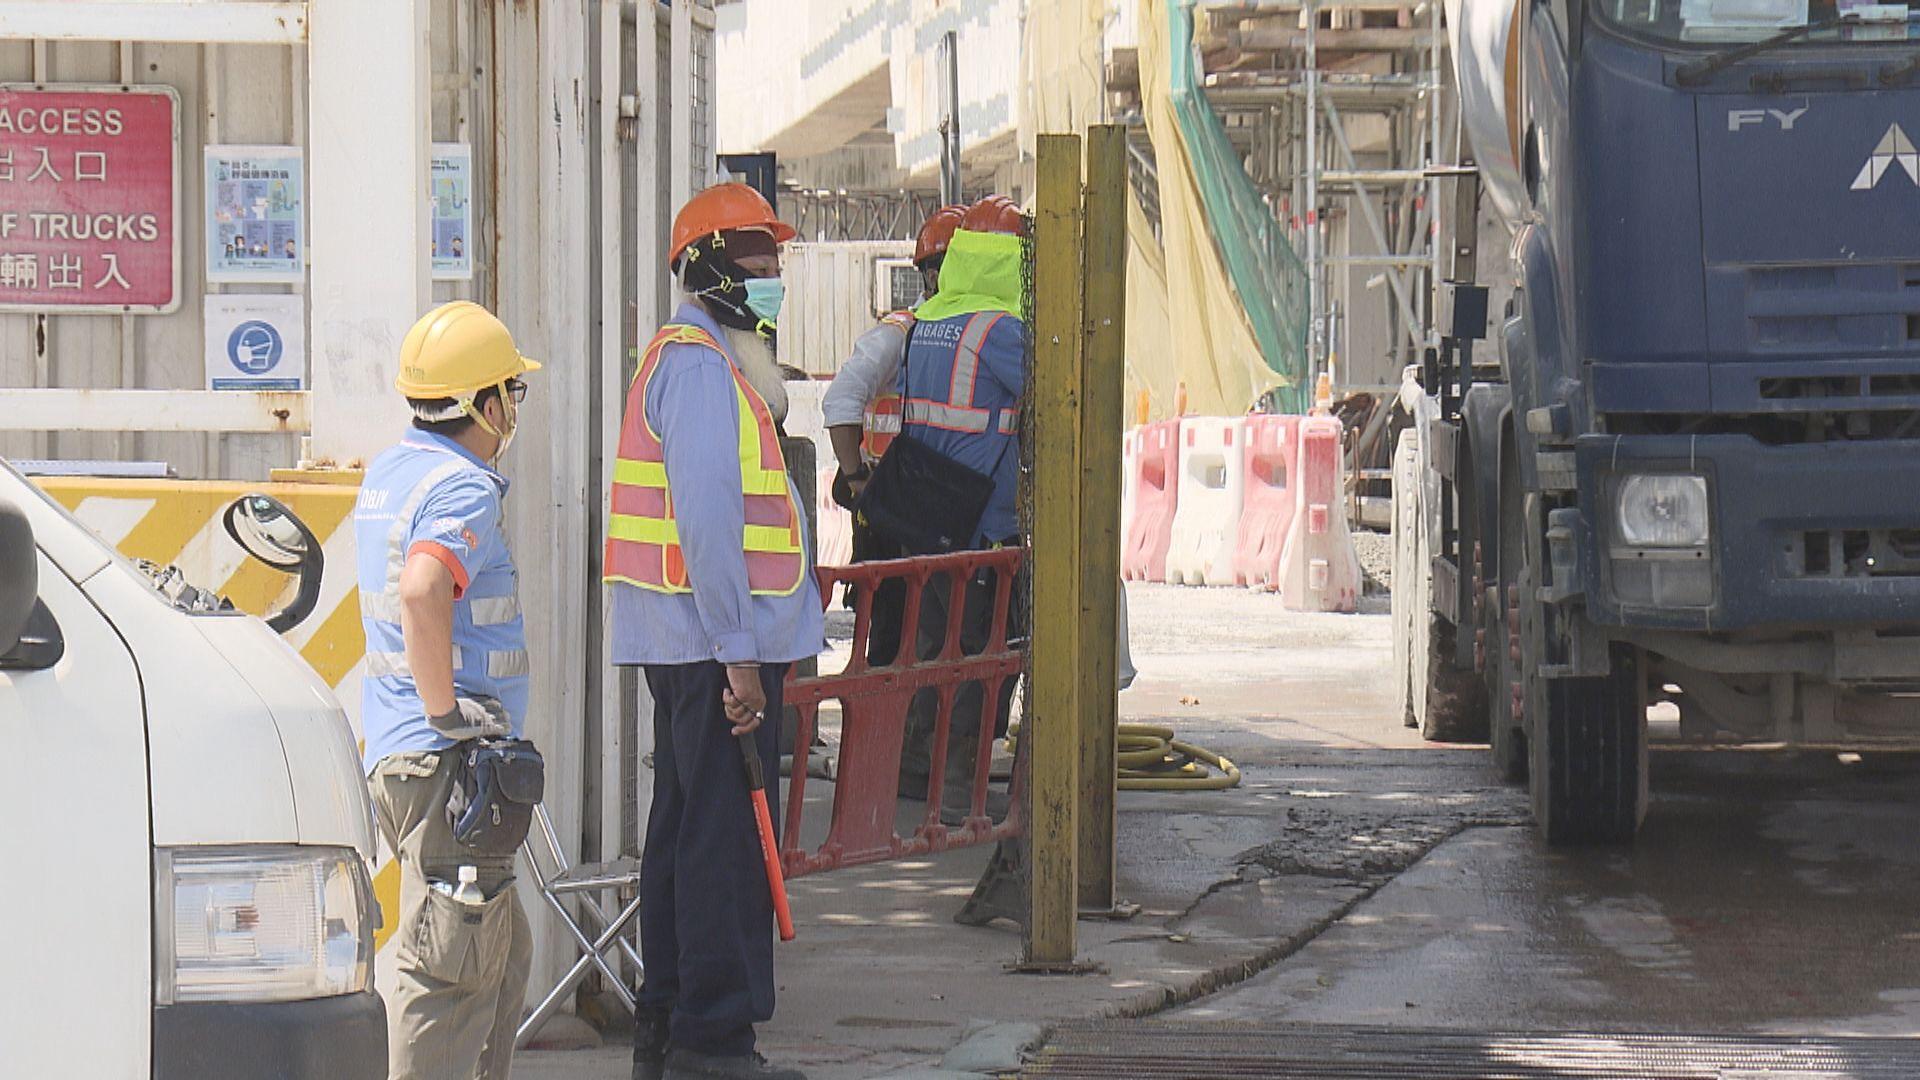 建造商會︰地盤環境不適合圍封 倡農曆年為工人檢測